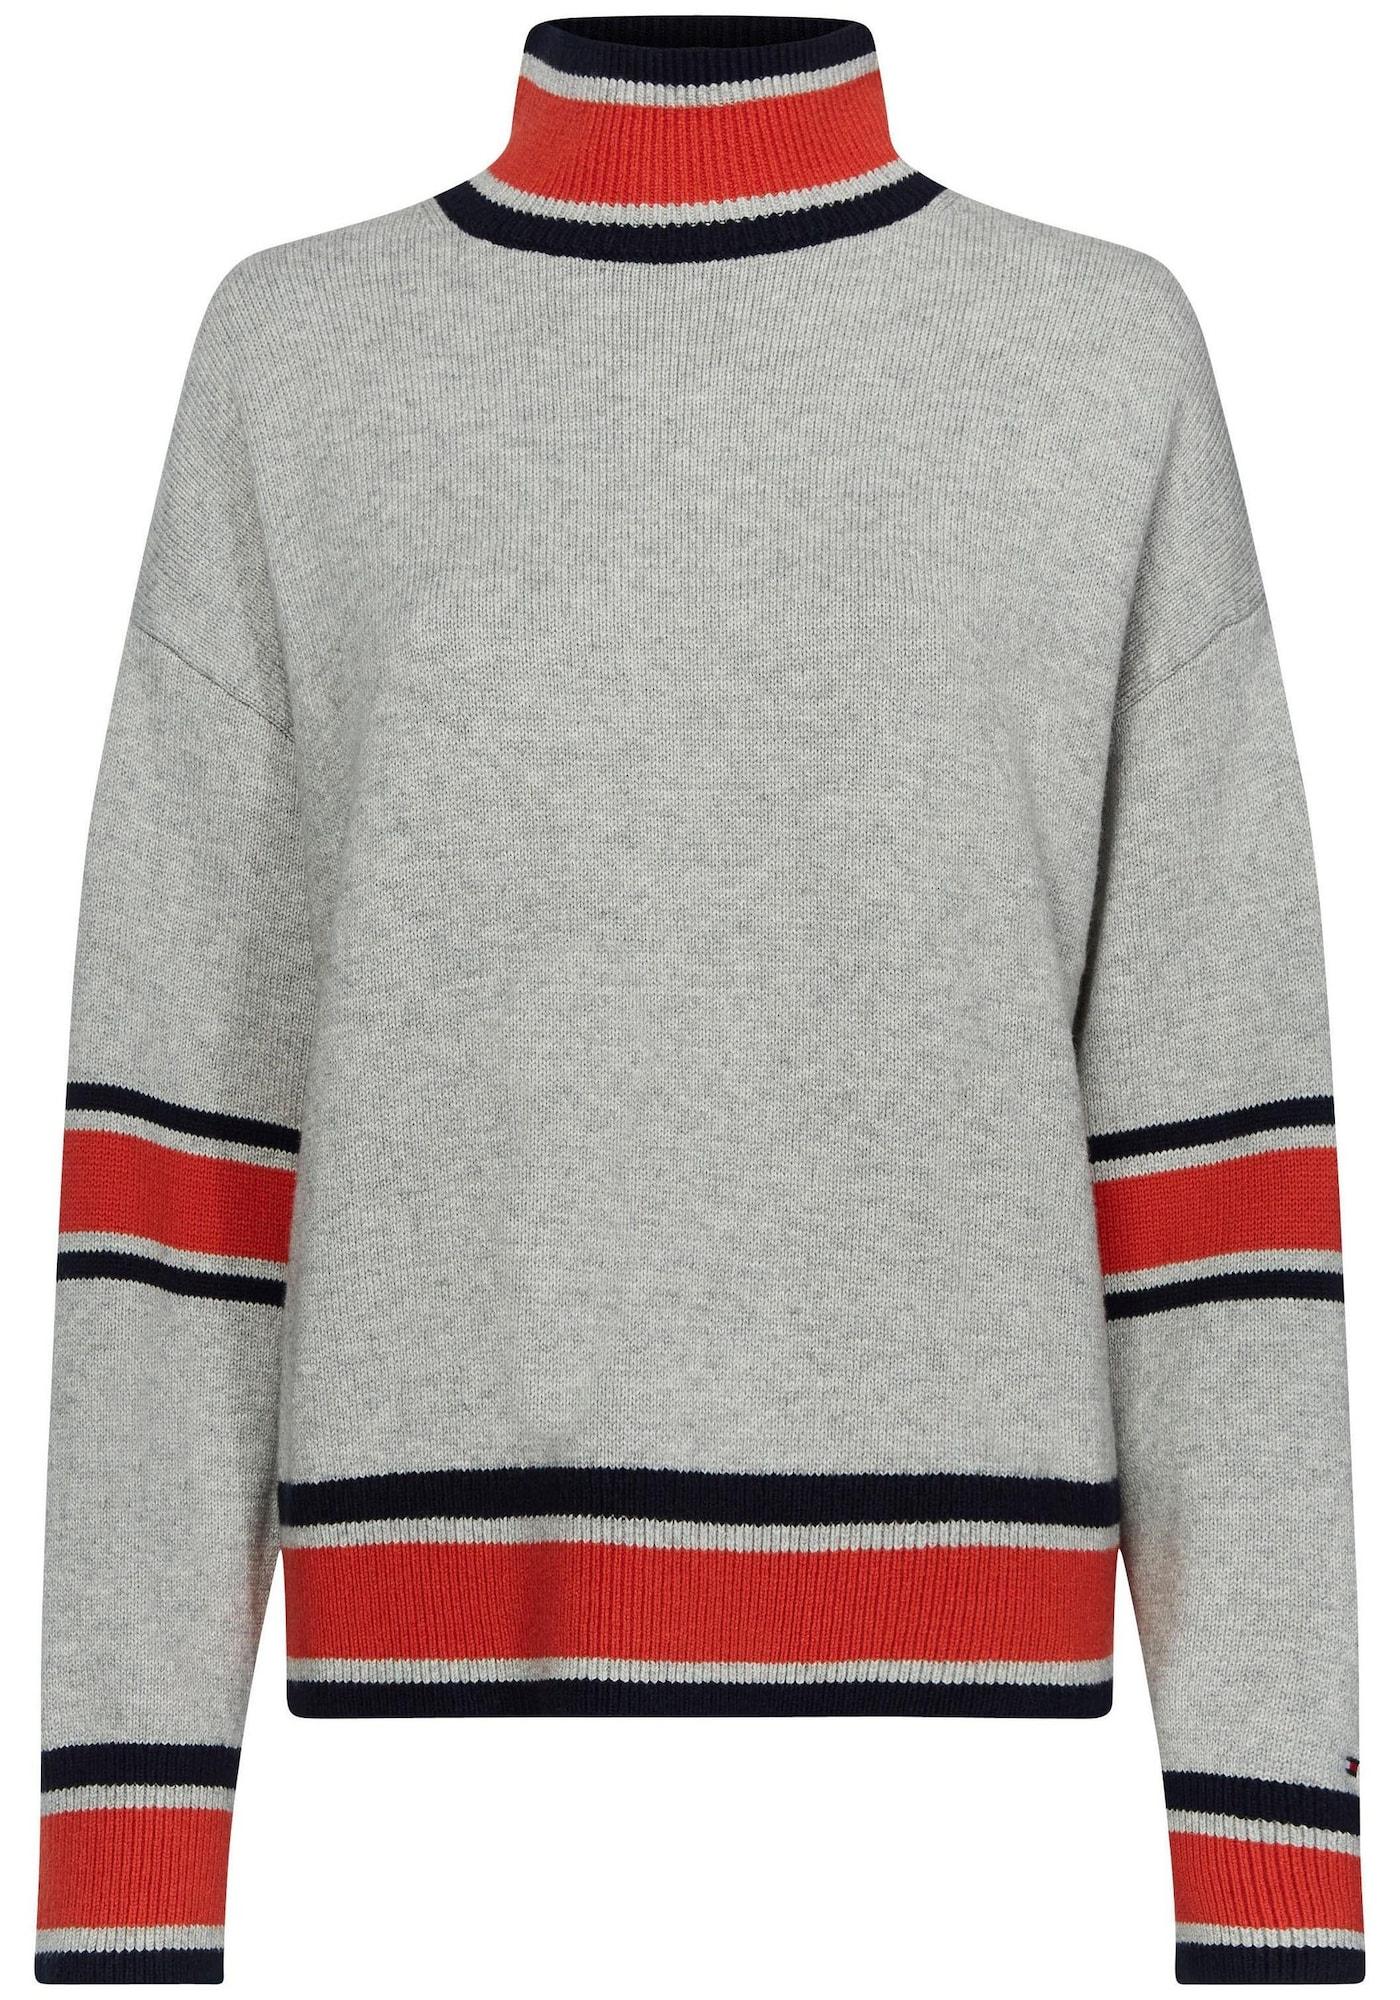 Stehkragenpullover | Bekleidung > Pullover > Stehkragenpullover | Hellgrau - Rot | Tommy Hilfiger